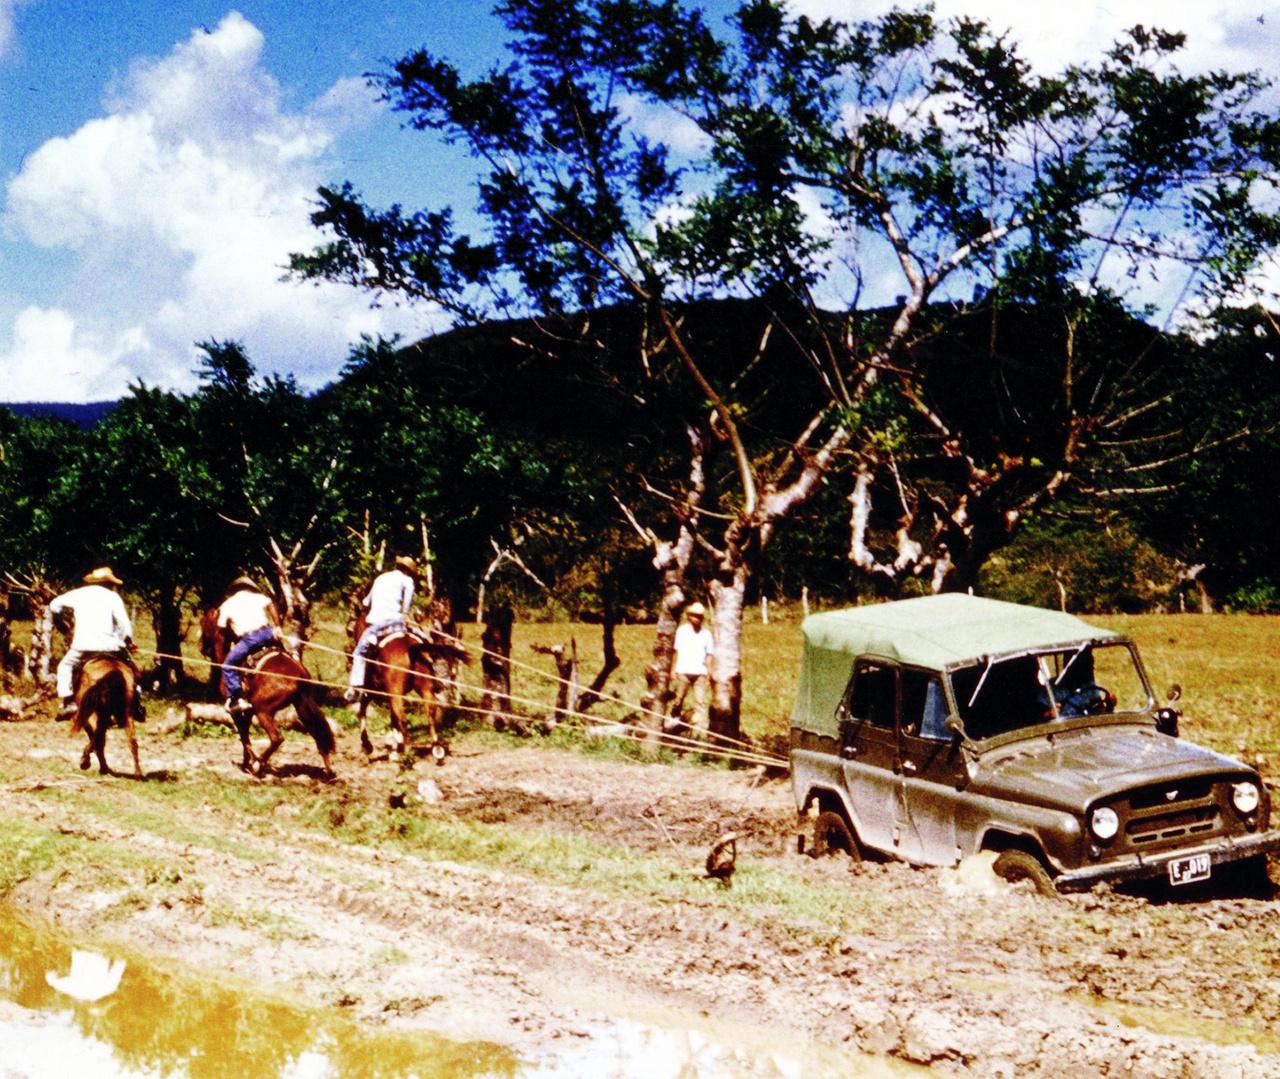 A Földtani Intézet geológusai az elmúlt 150 évben nem csak hazánk területén dolgoztak, hanem messzi tájakon is. Az 1972-ben indult kubai expedícióban a szigetország egyharmadán végeztek földtani térképezést a magyar geológusok. A munkakörülmények nem voltak könnyűek, mint ahogy a terepjárómentés képen látható kubai formája is mutatja.